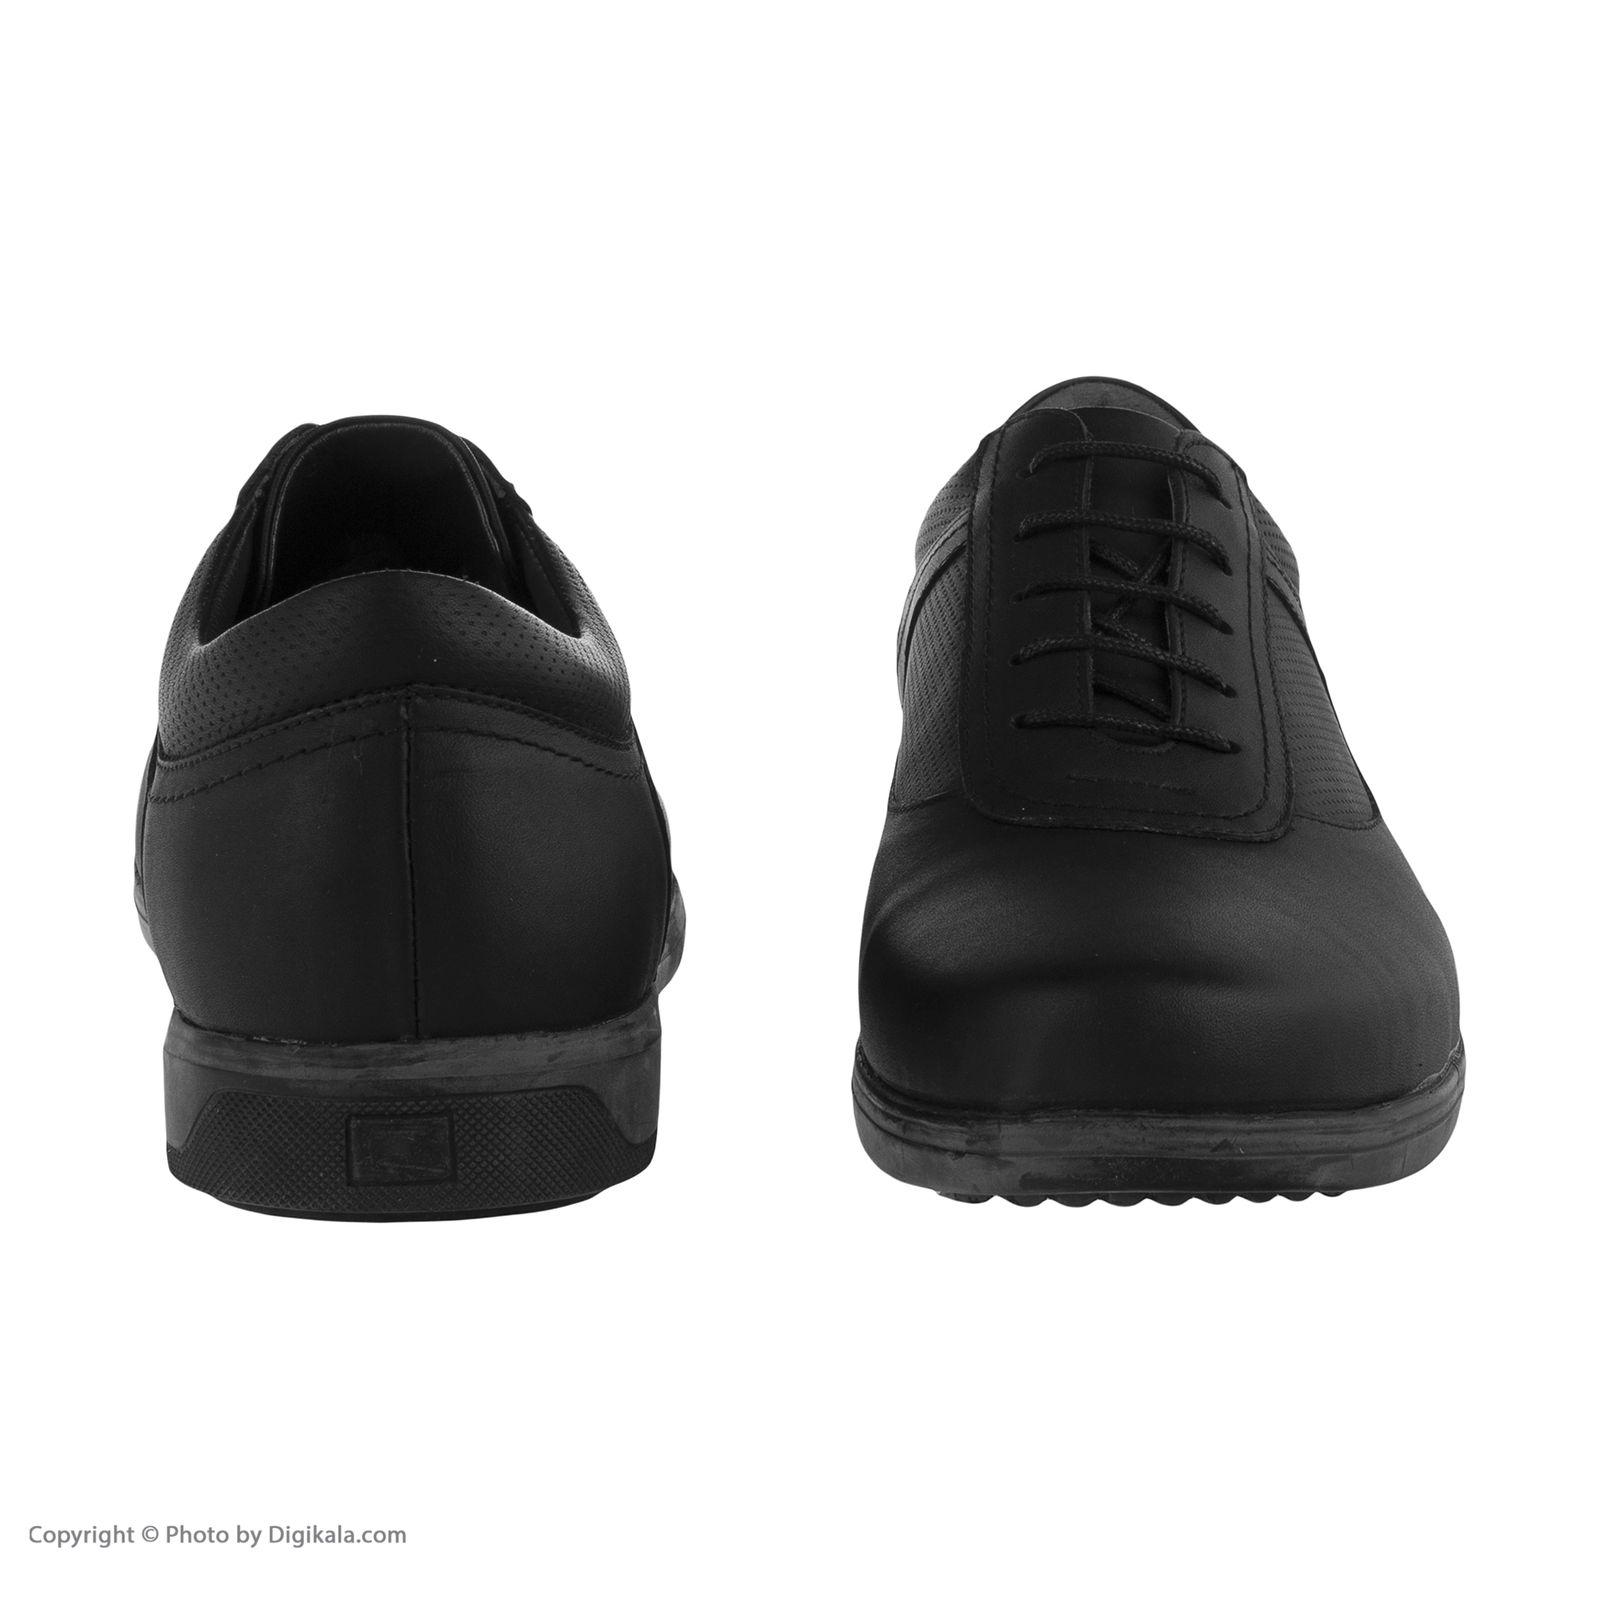 کفش روزمره مردانه سوته مدل 5017A503101 -  - 6